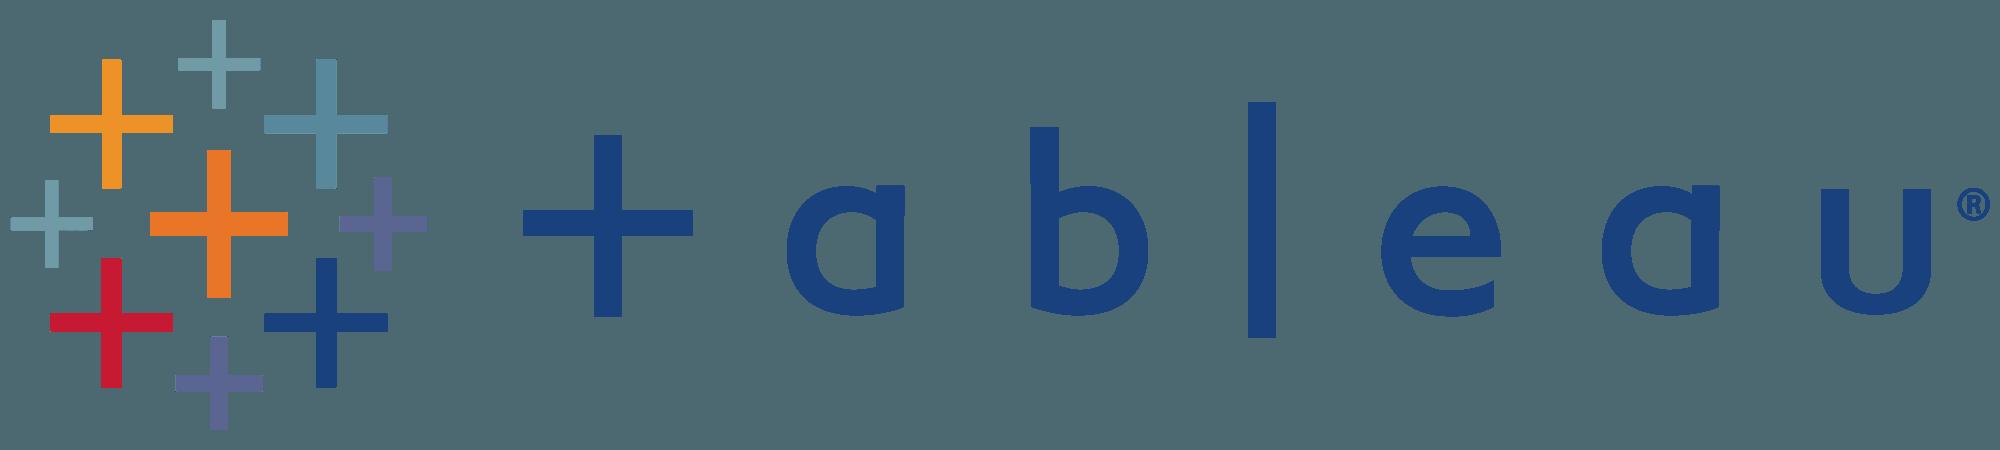 【Tableau】ホワイトペーパーから読み解く「トラディショナルBIとモダンBIの違い」